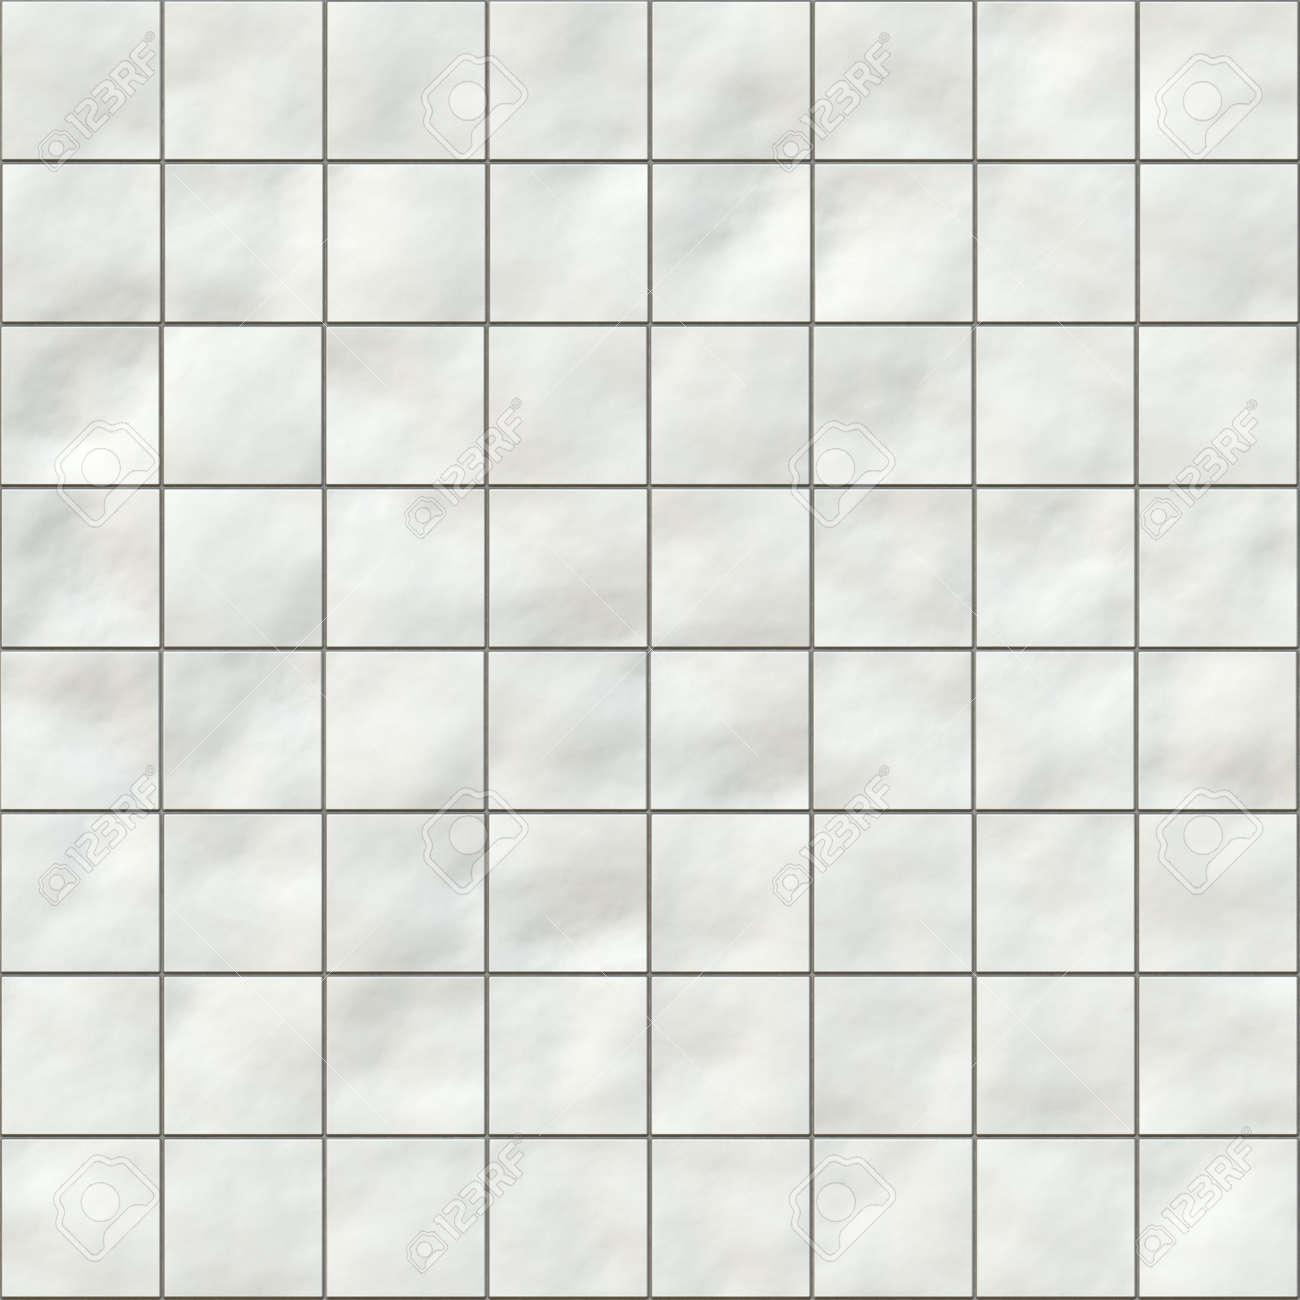 Azulejos De Cerámica Blancas Para Cocina O El Baño, Perfectamente ...